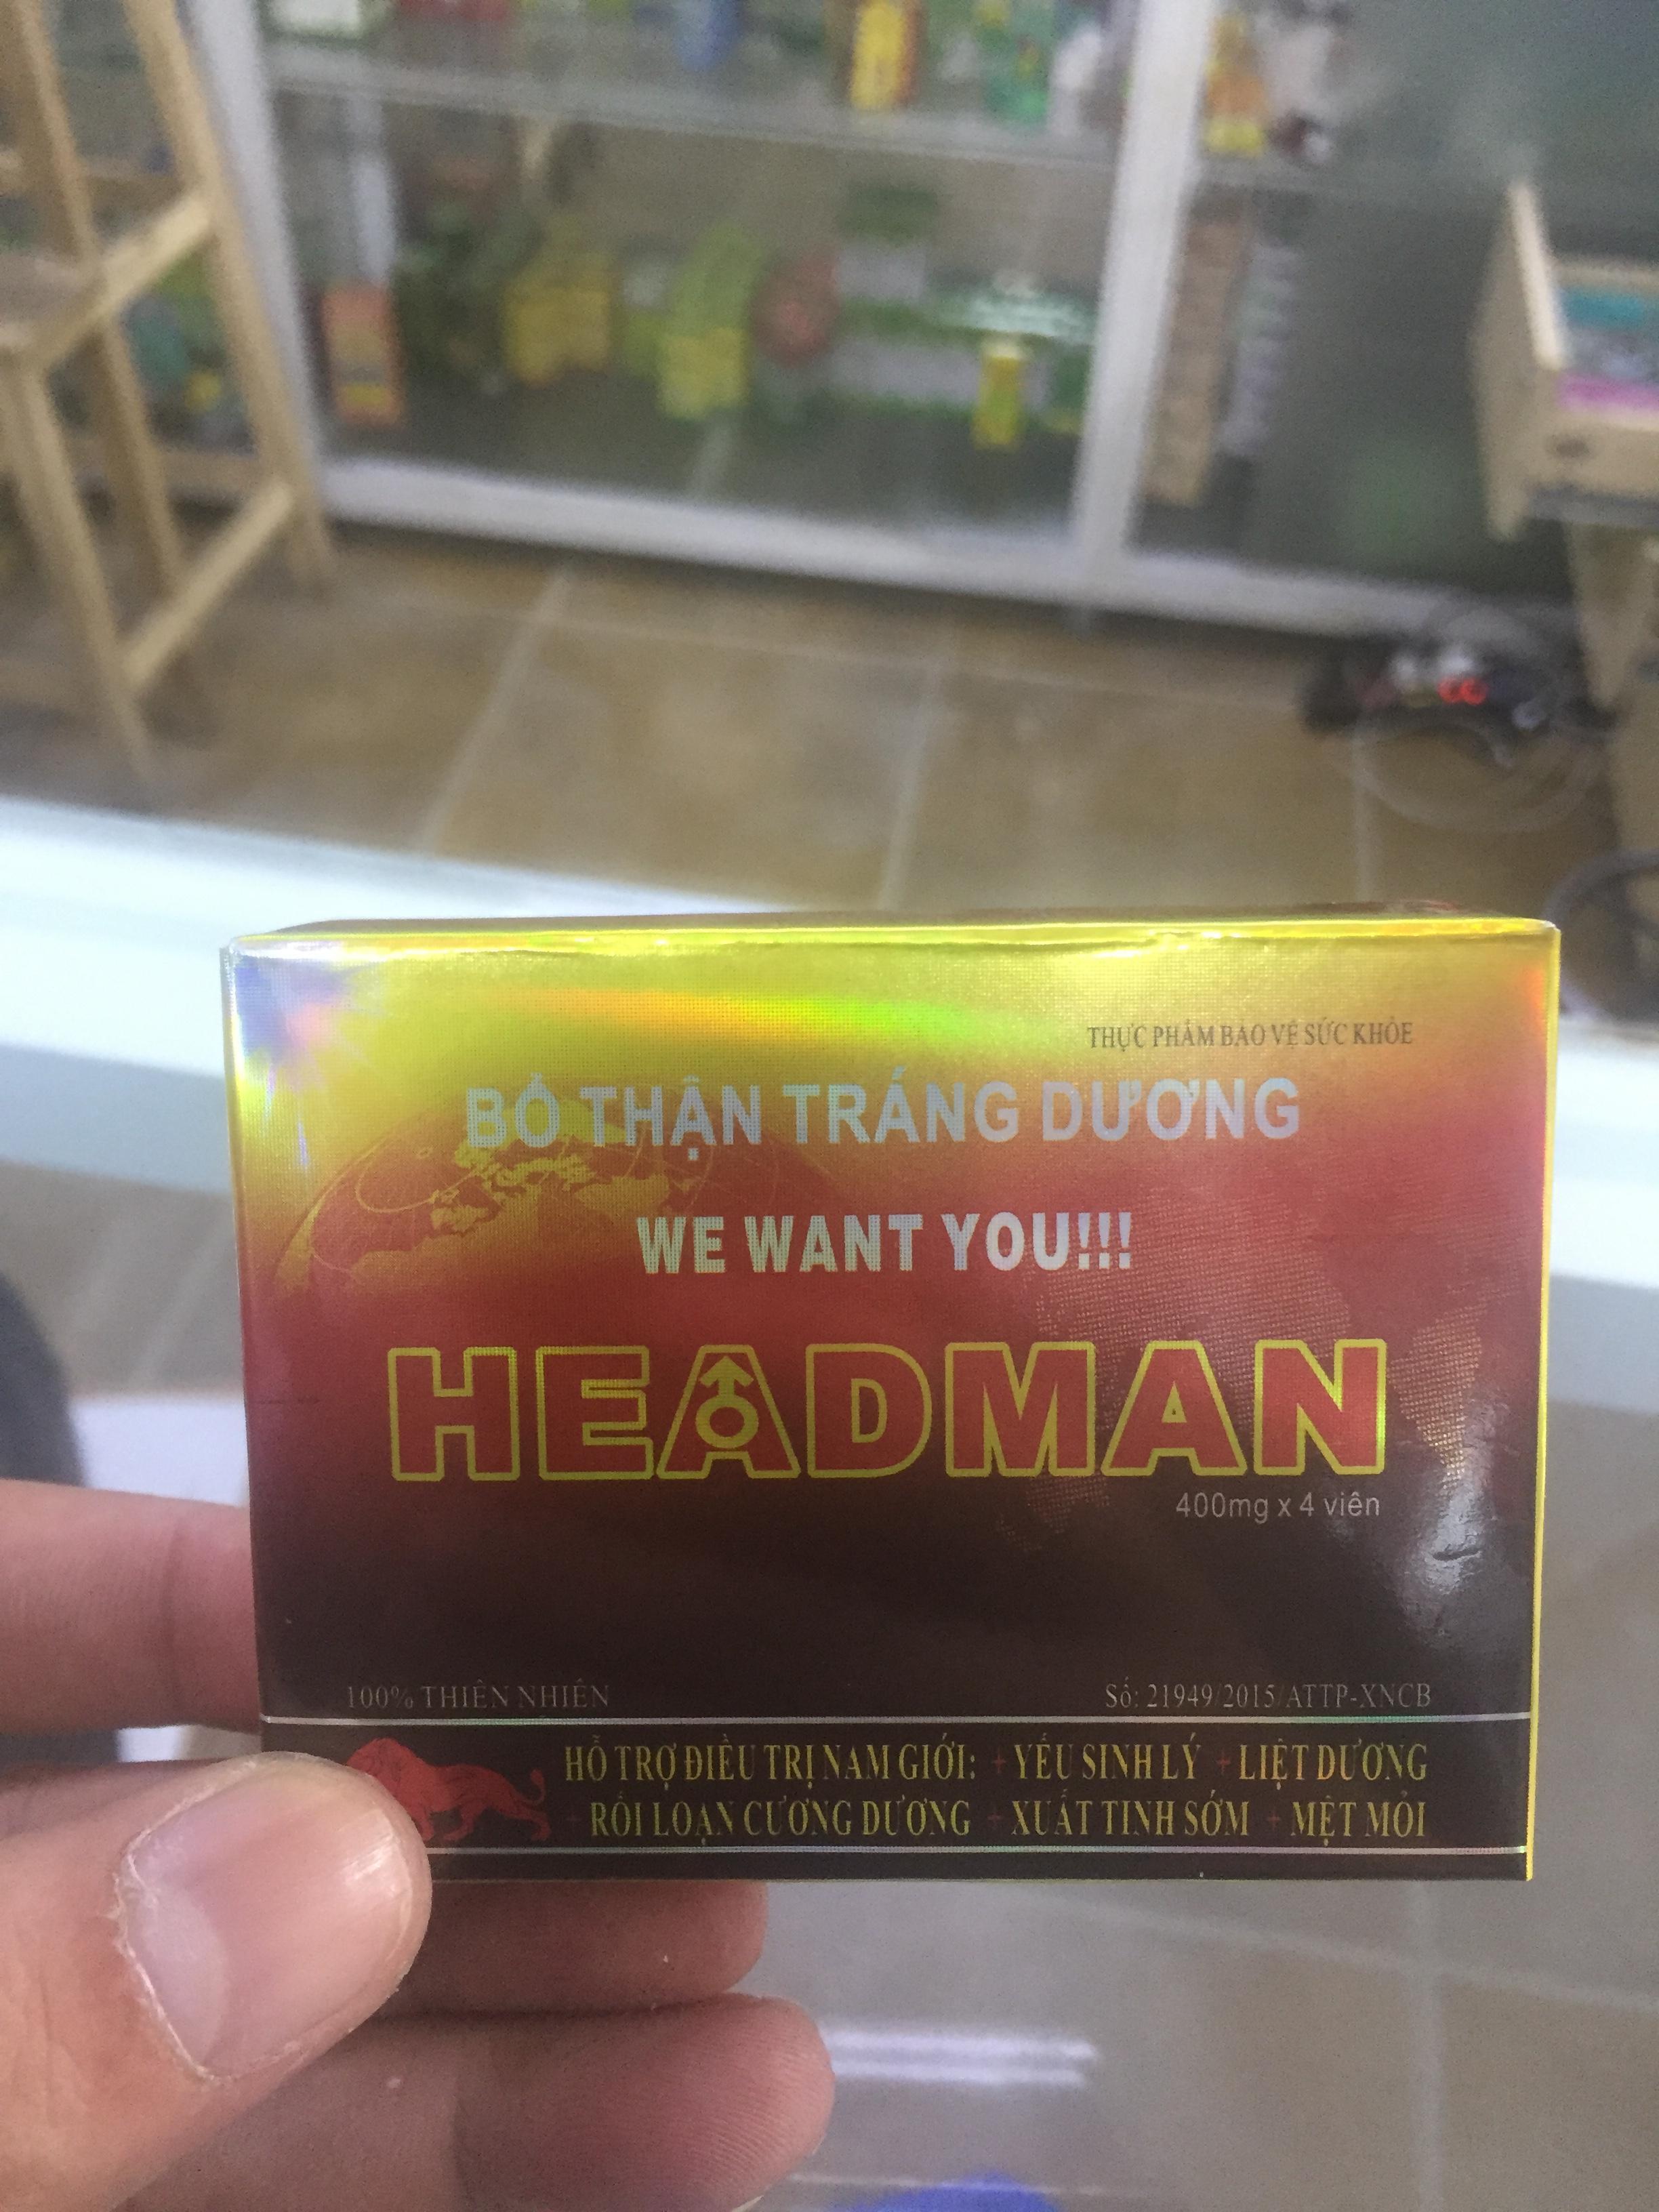 HEAD_MAN BỔ THẬ.N TĂNG CƯỜNG SI.NH L.Ý HỘP NHỎ 2 gói